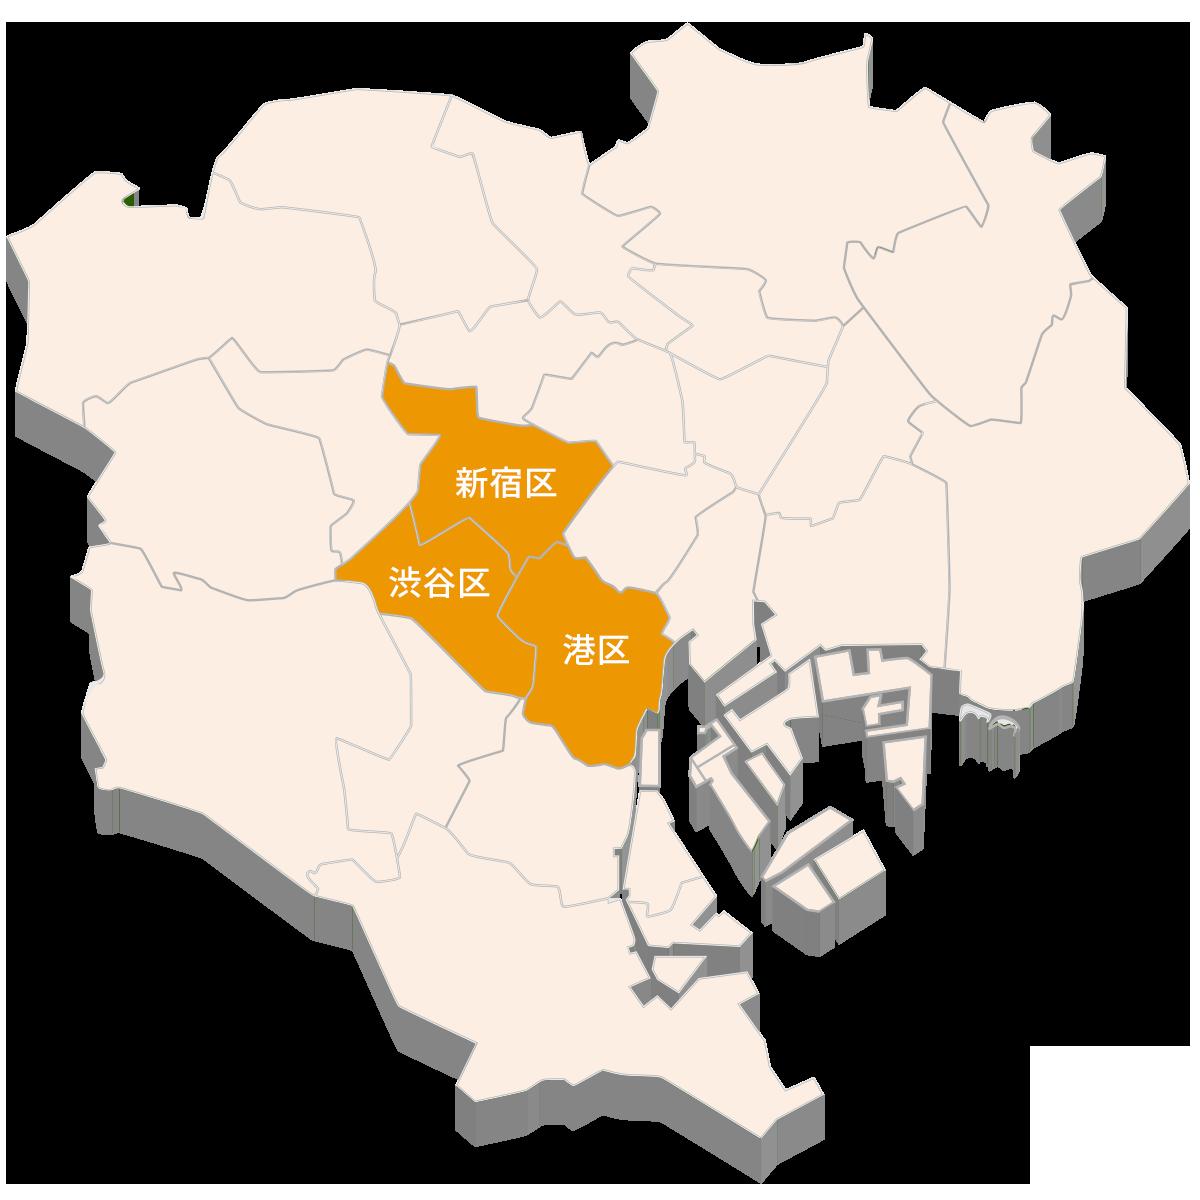 出張エリアマップ(渋谷区・新宿区・港区)